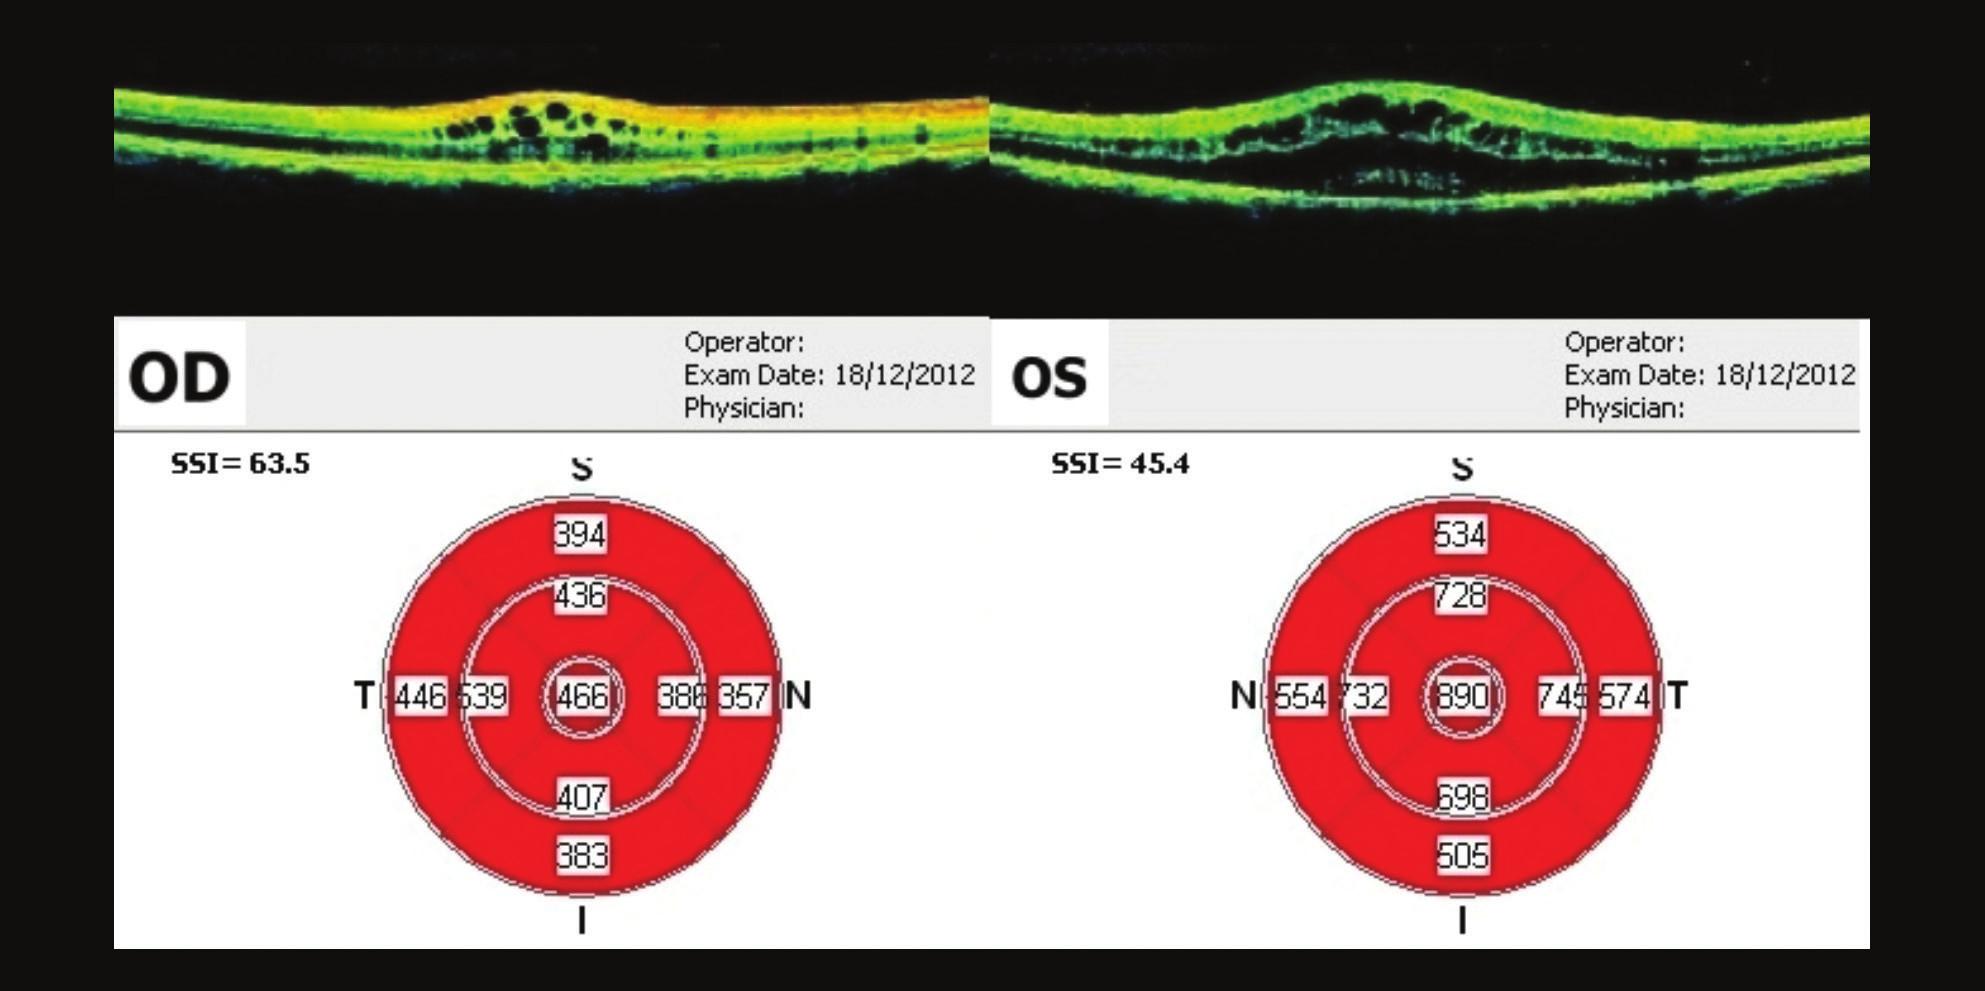 OCT makul OPL – 3 týdny po prvním vyšetření Na OP je CME vyšší než při prvním vyšetření. Na OP je ve fovee 466 μm, na OL je 890 um